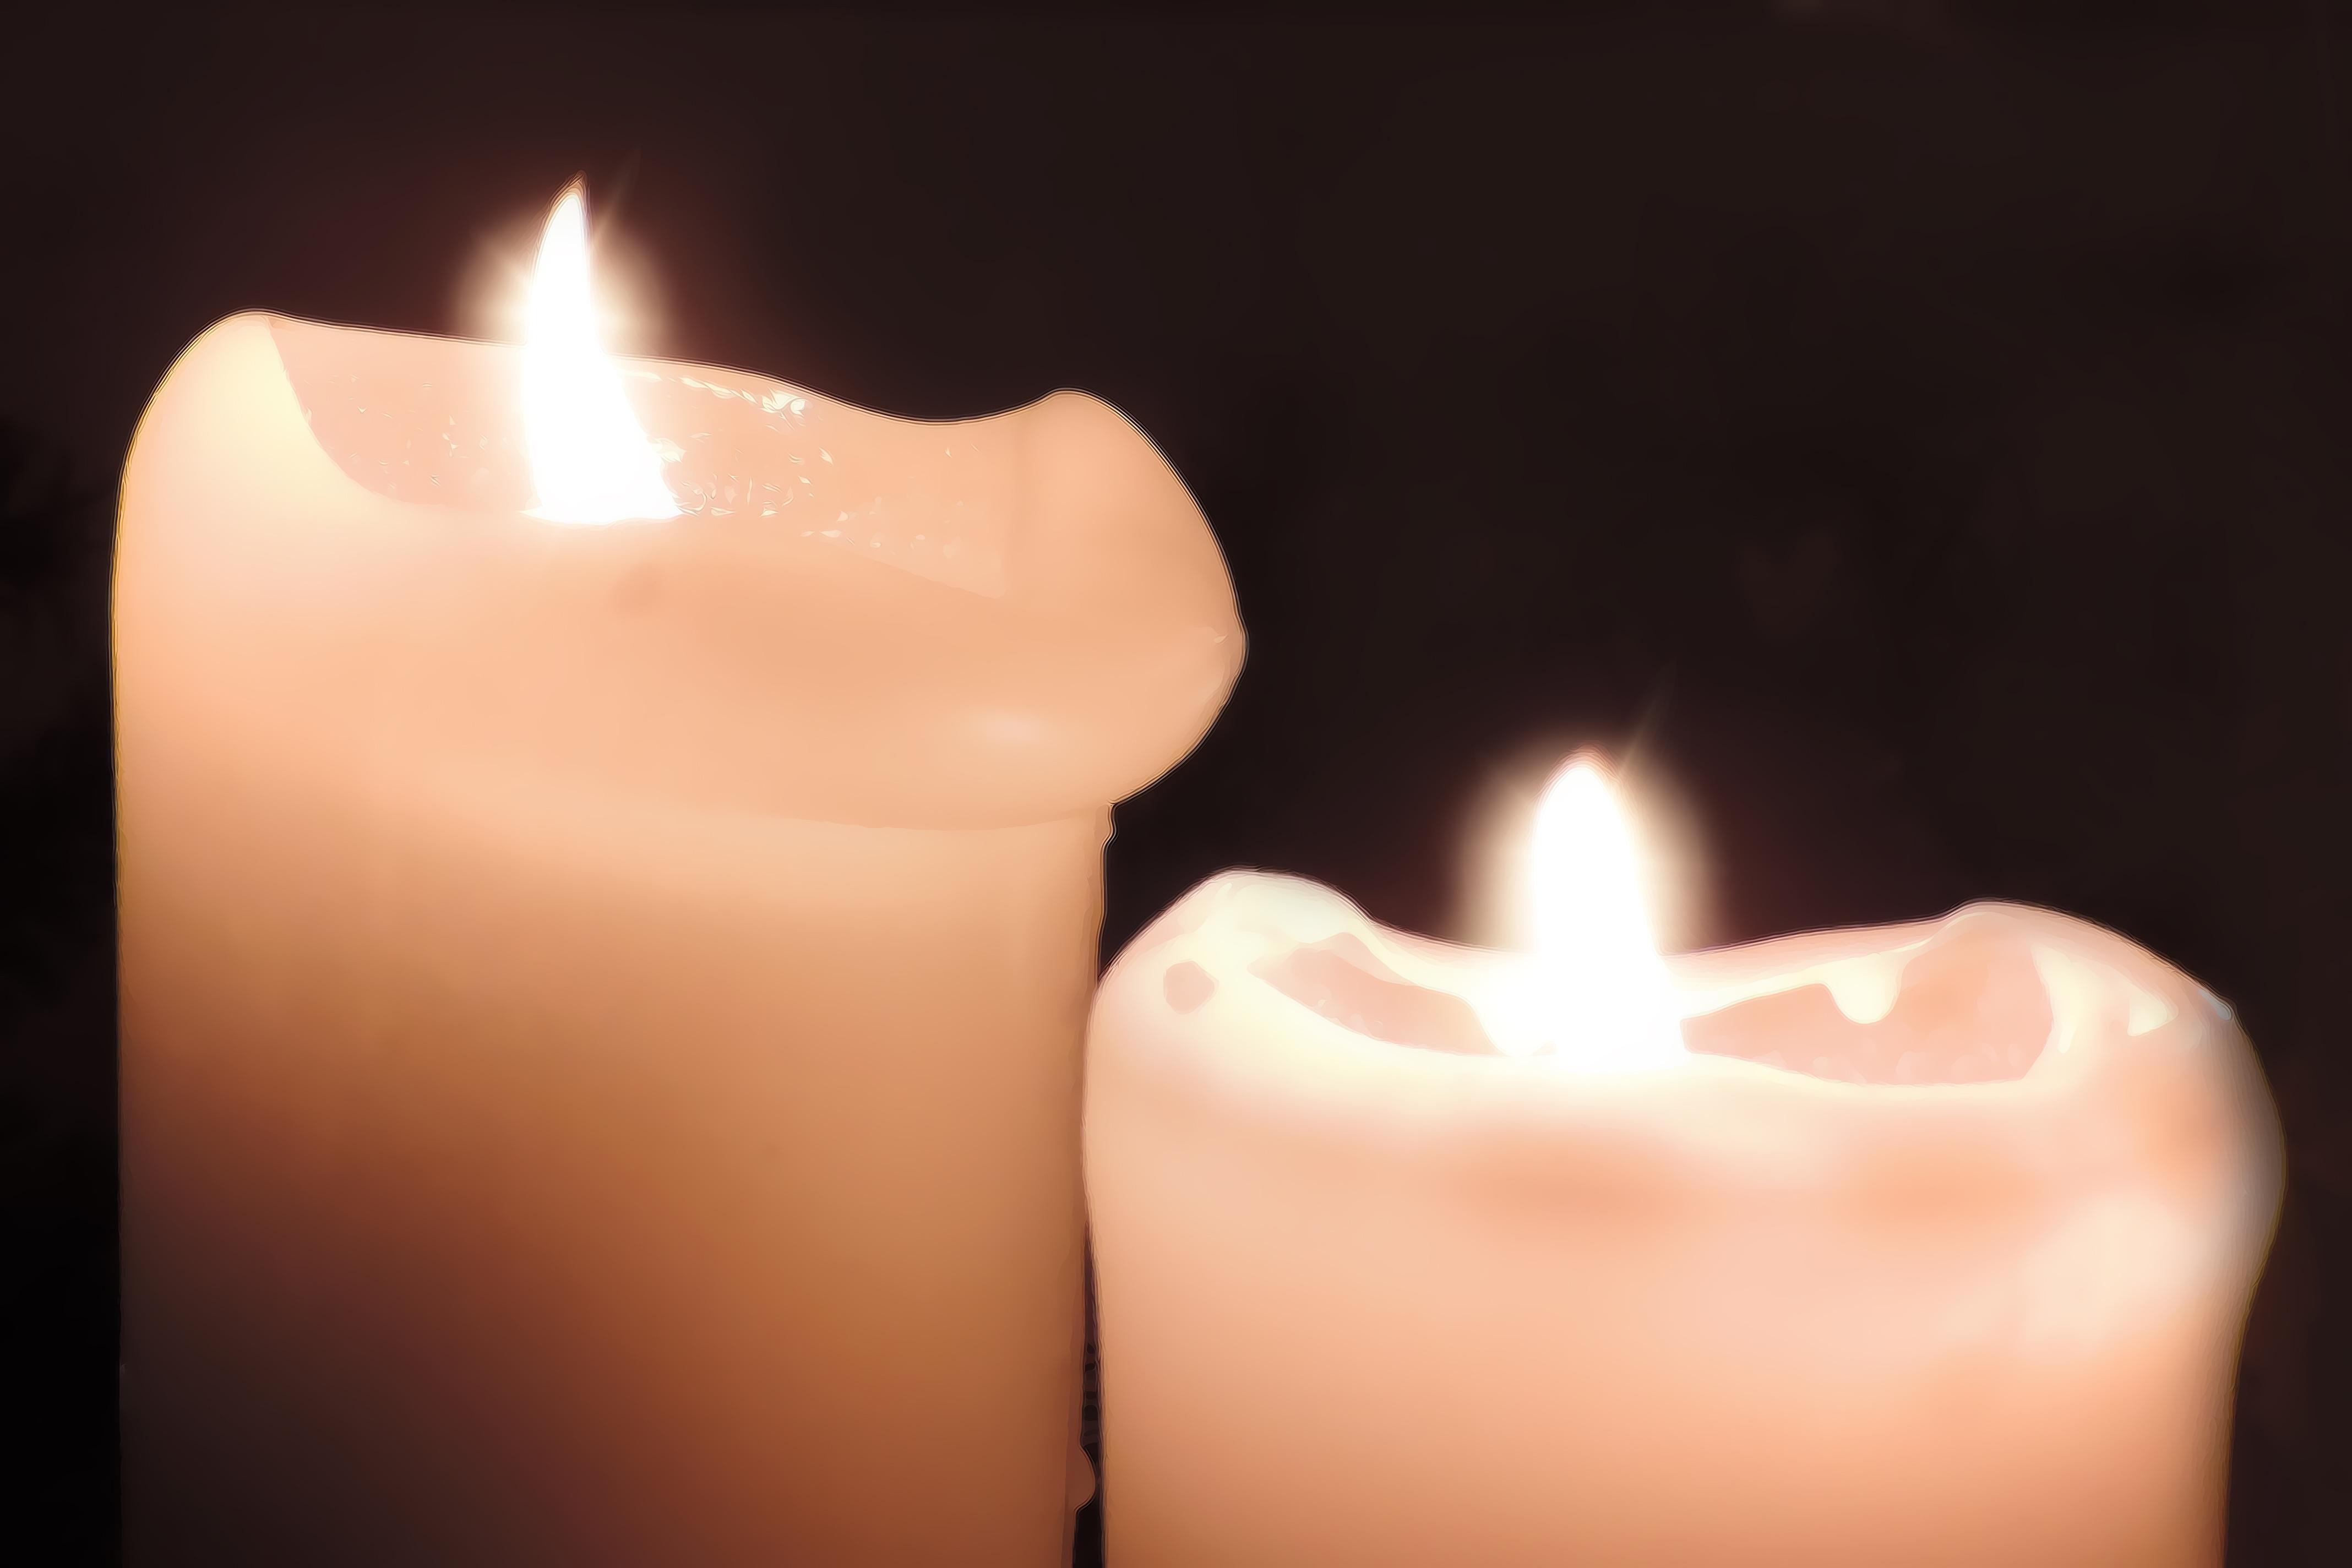 Kostenlose foto : Hand, Winter, Licht, Dekoration, Flamme ...